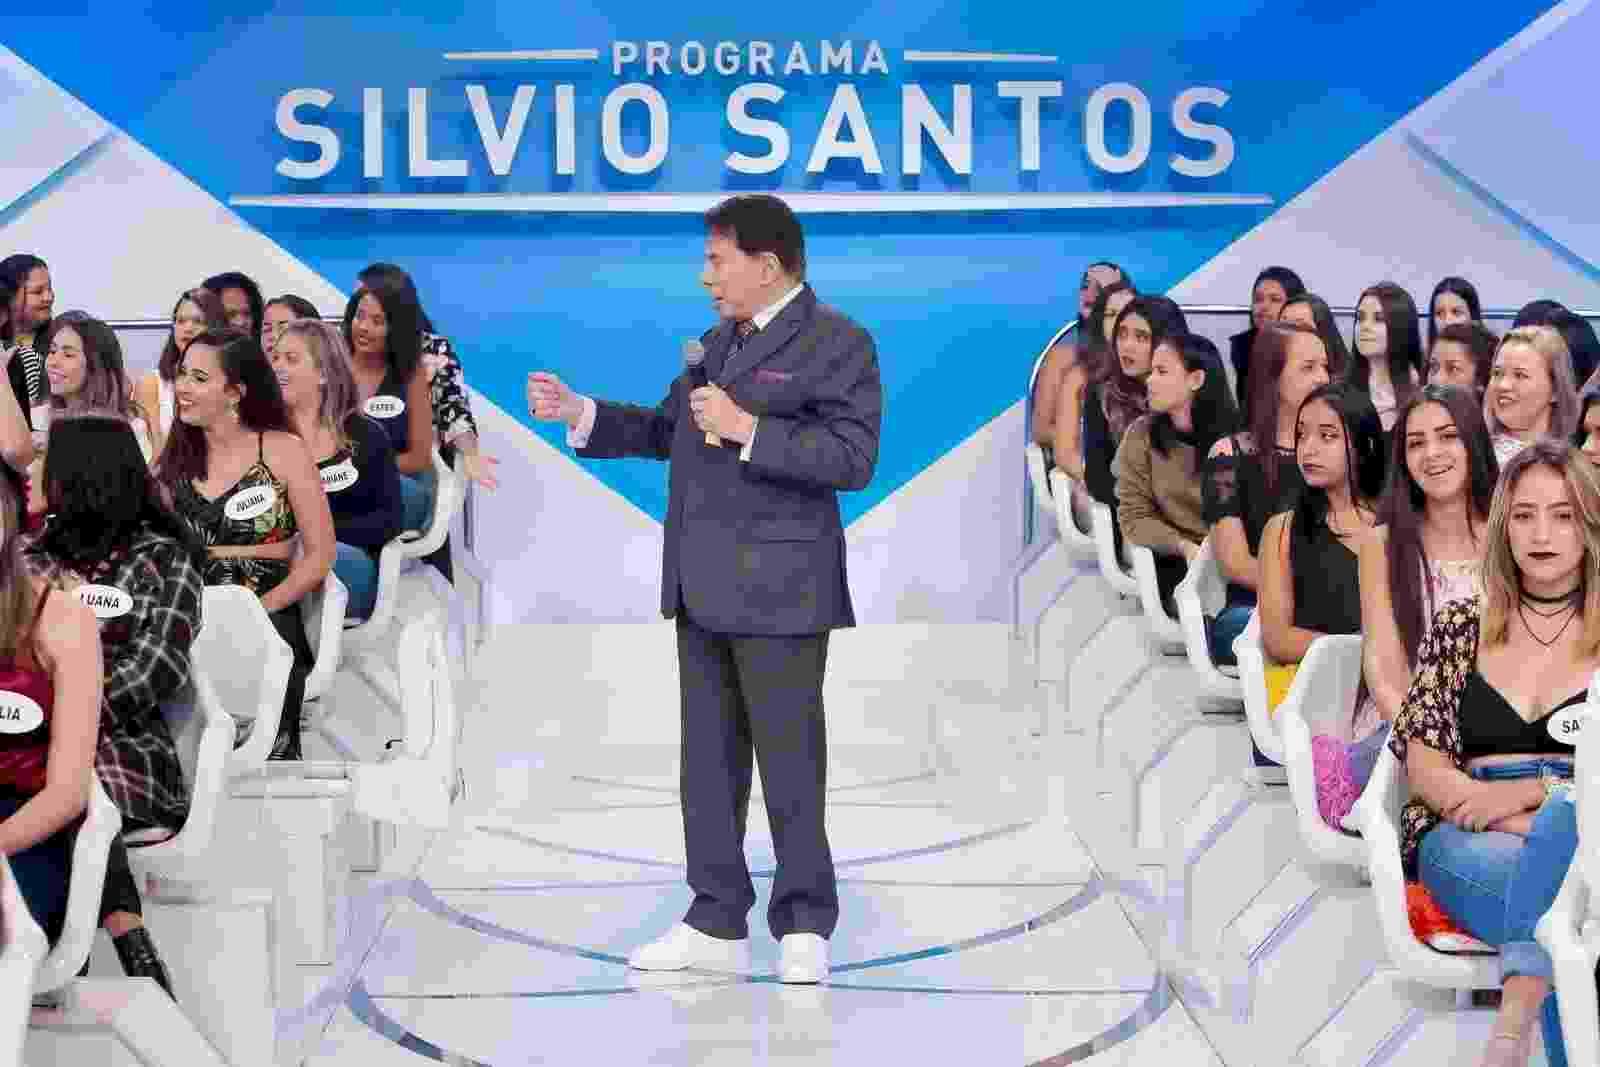 Silvio Santos escolheu um tênis branco para compor seu figurino - Lourival Ribeiro/SBT